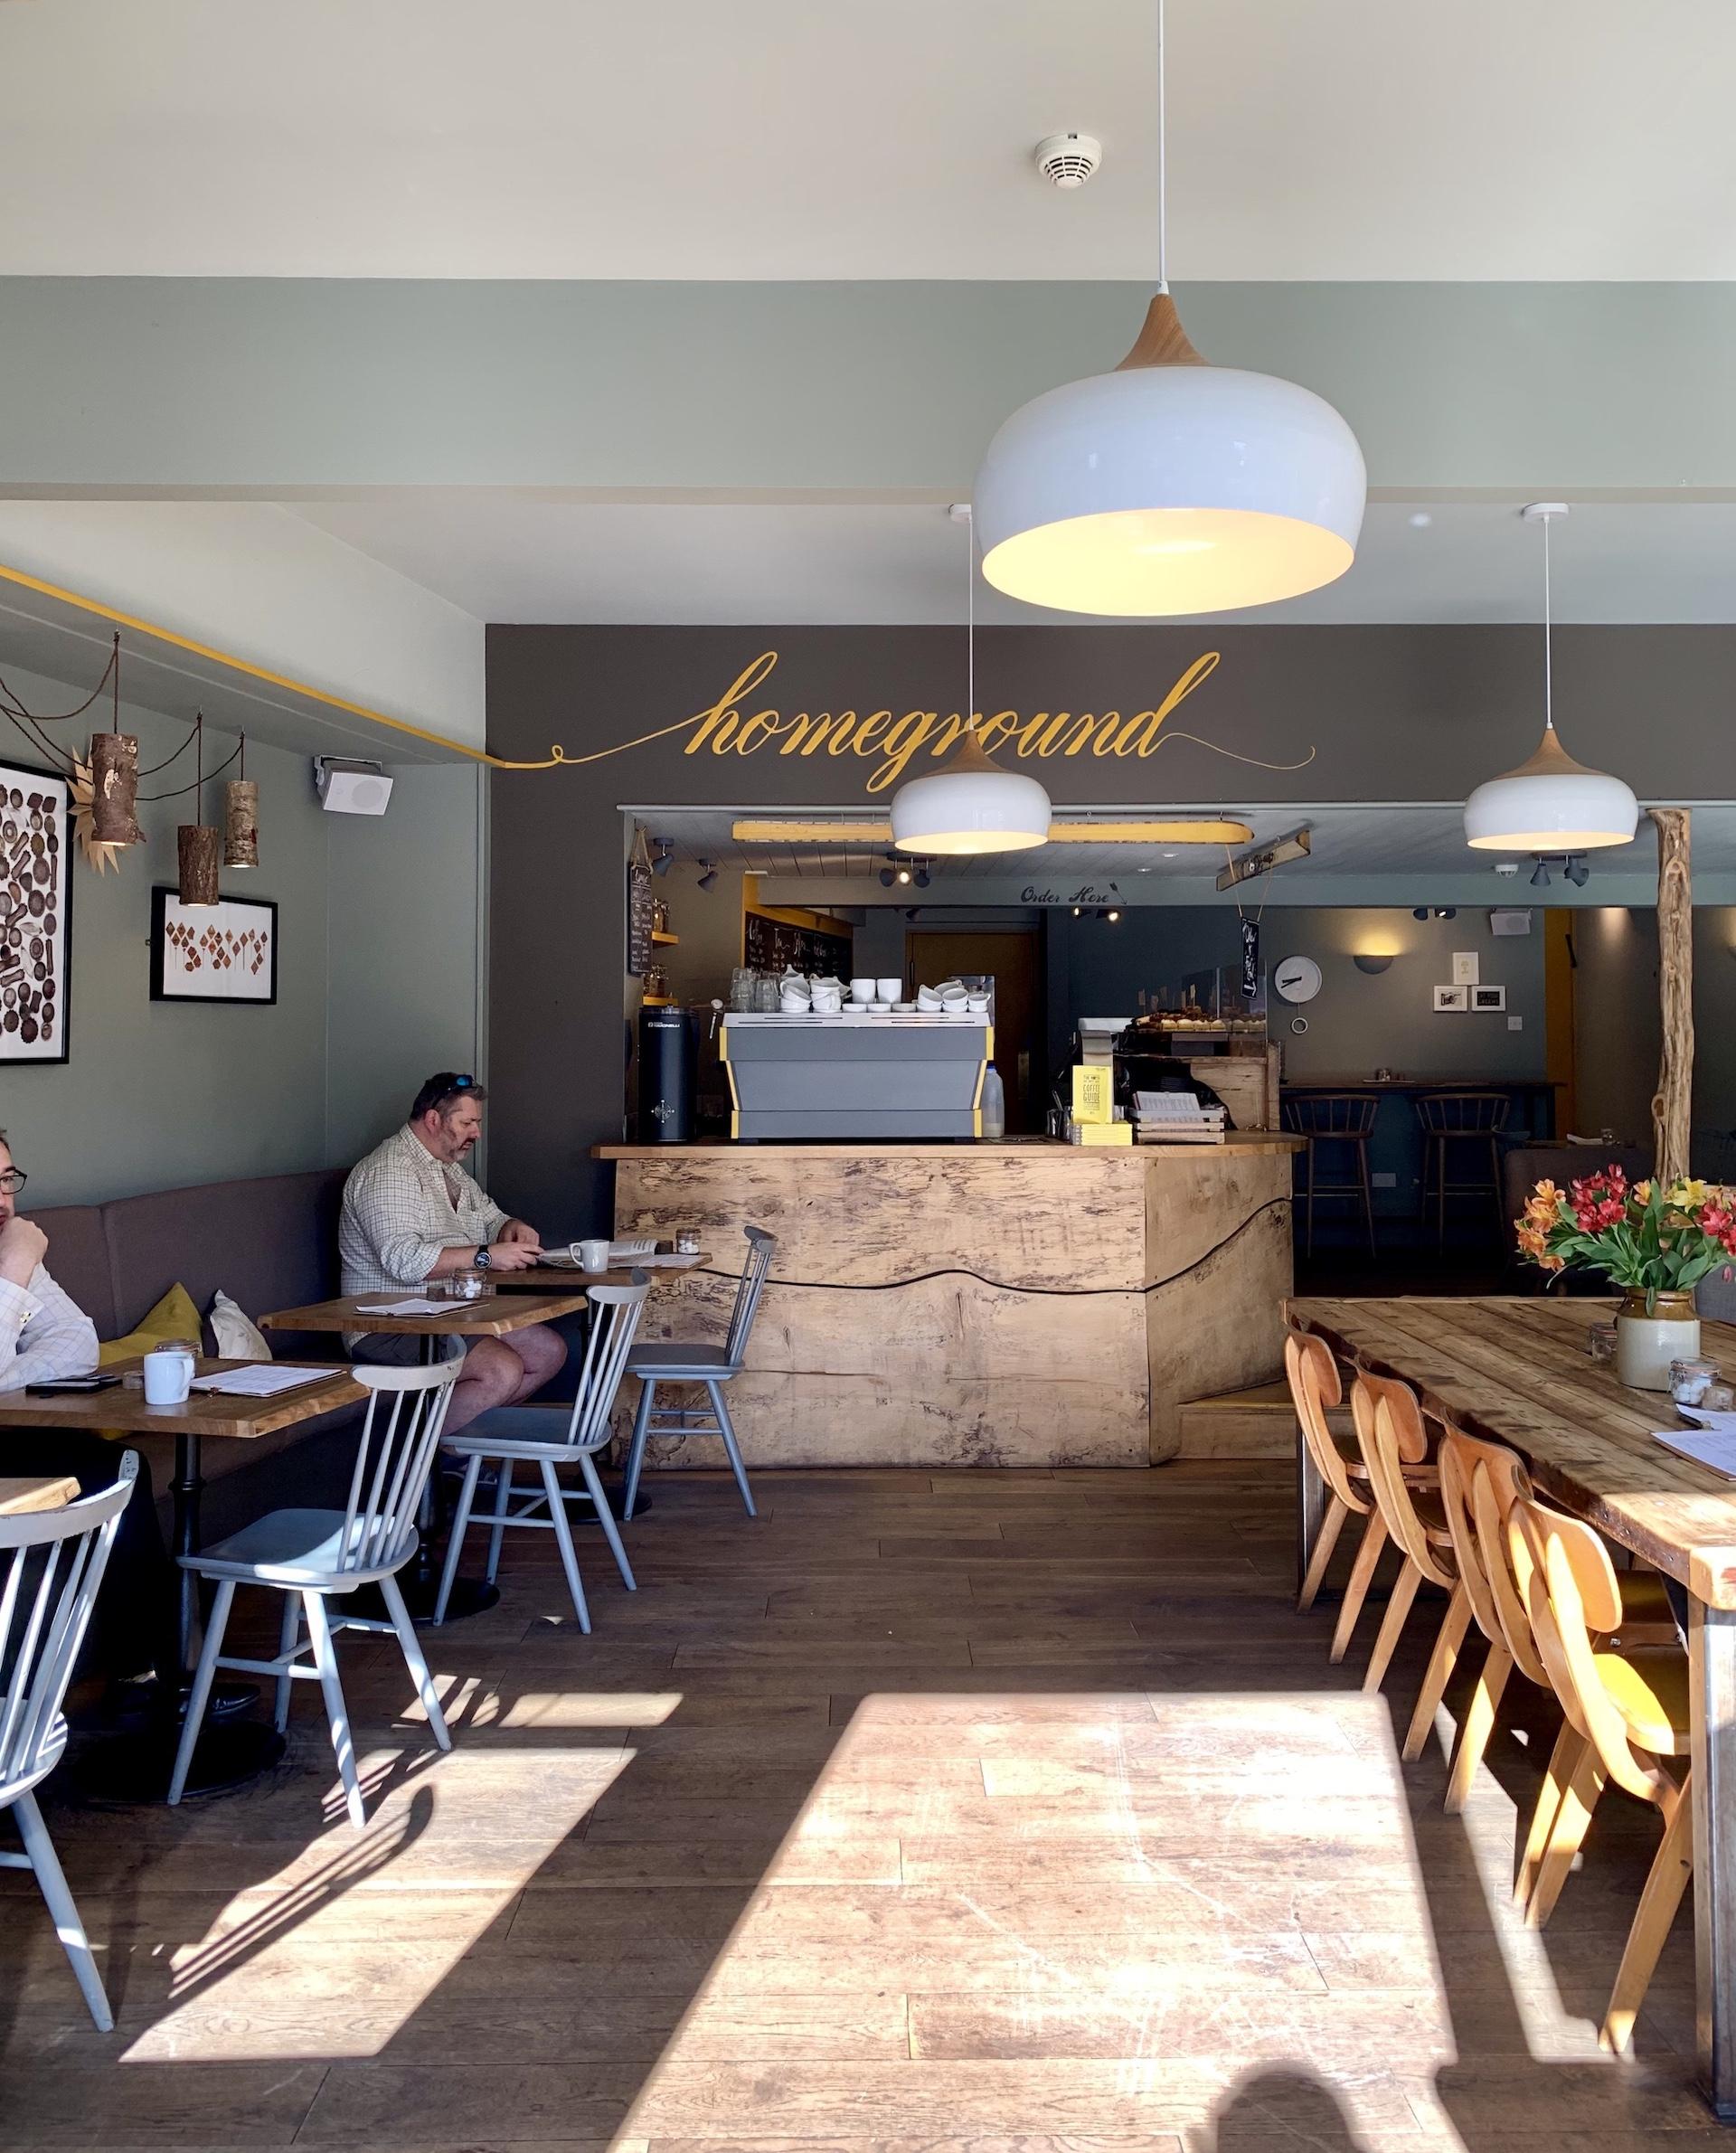 homeground-interior-copy via @carvetiicoffee